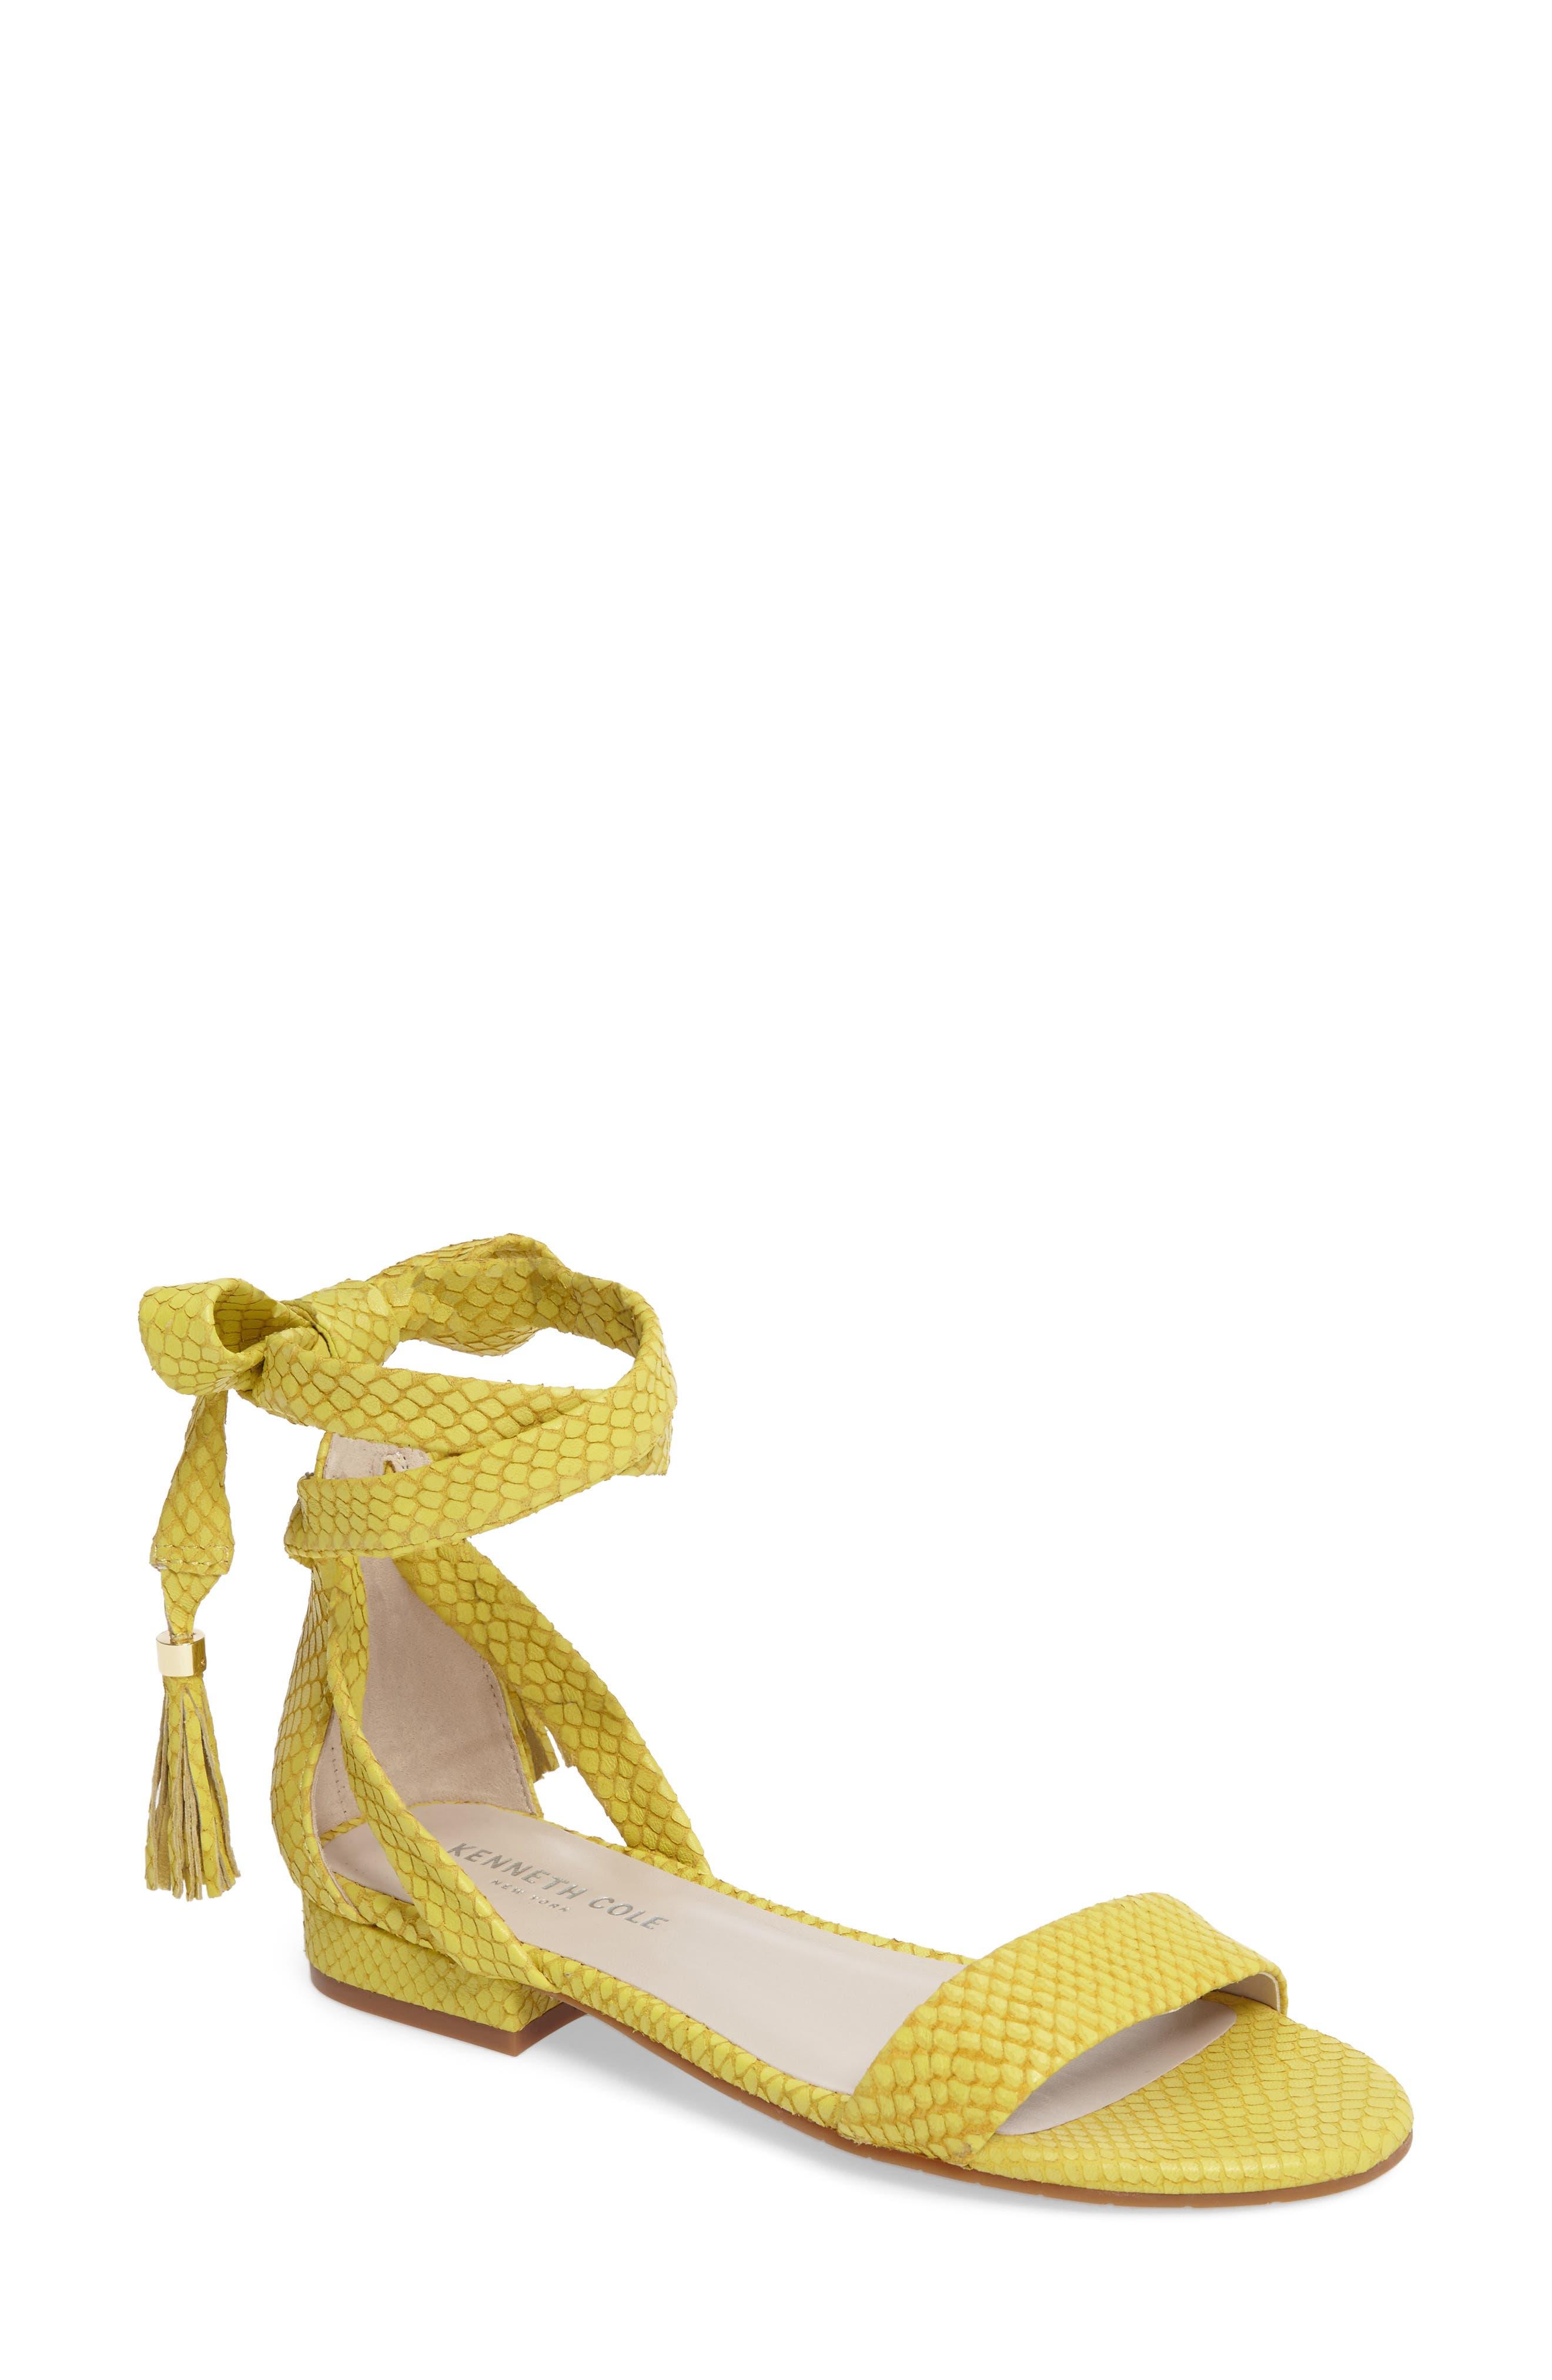 Valen Tassel Lace-Up Sandal,                             Main thumbnail 14, color,